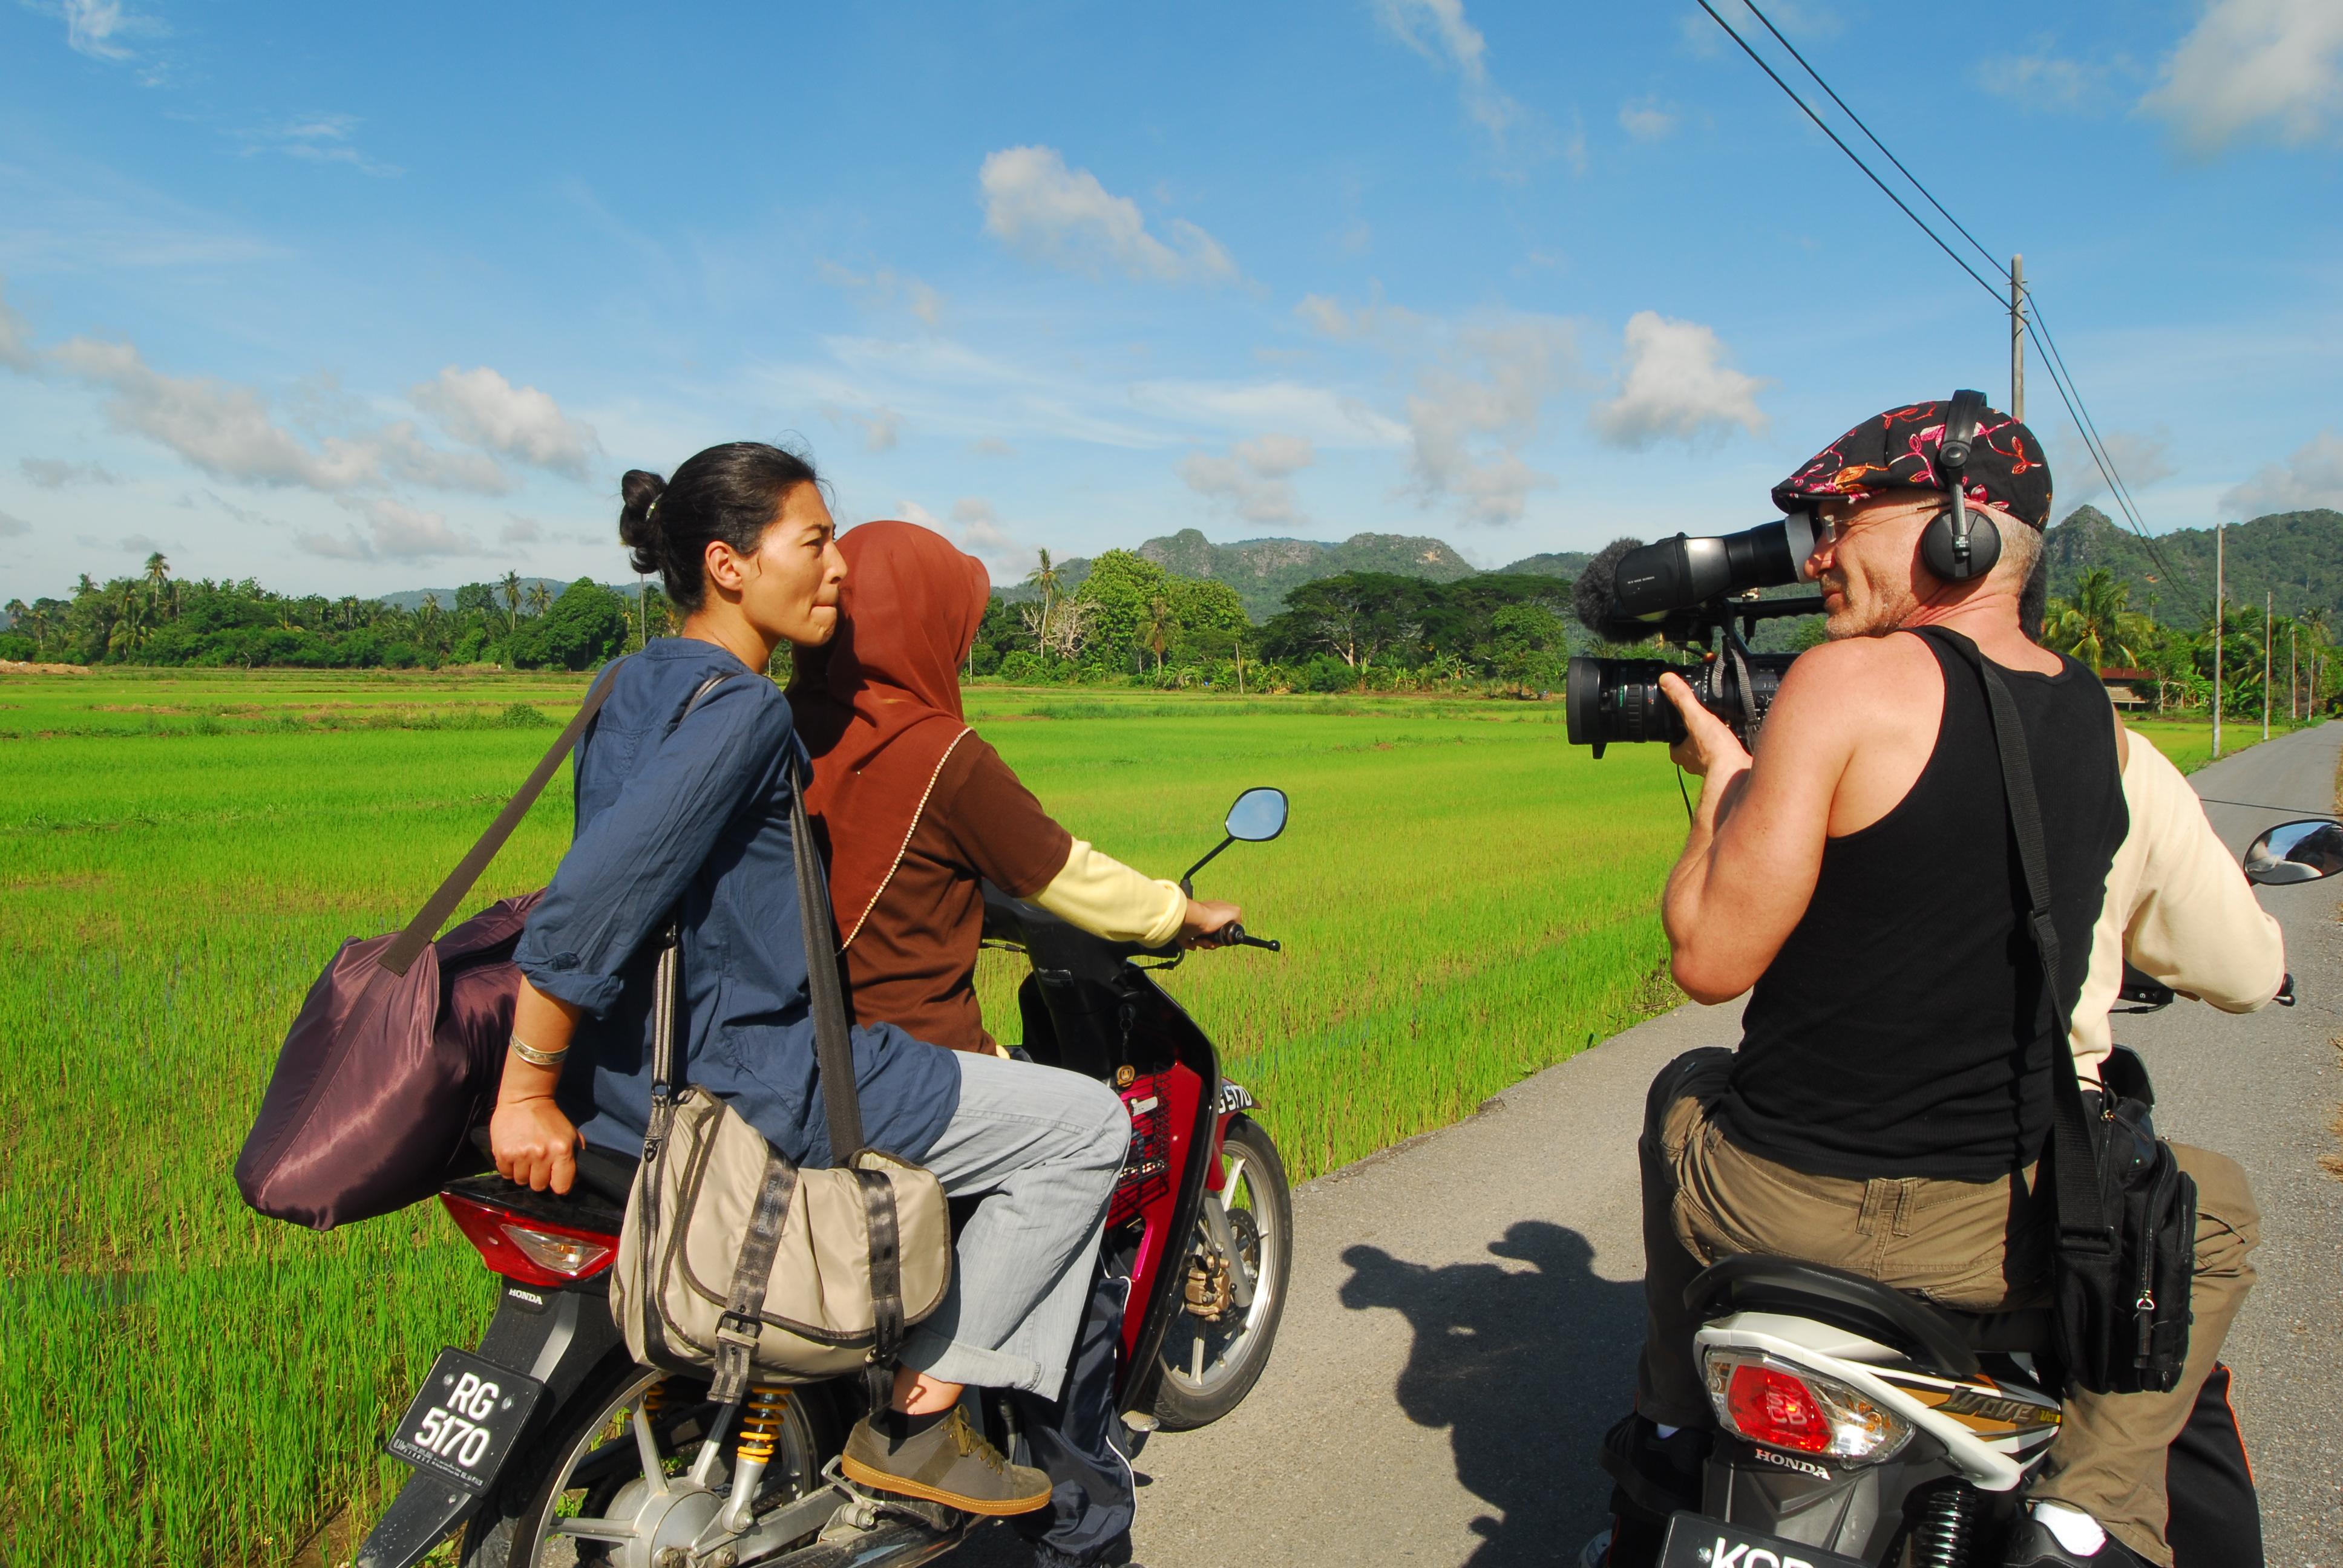 LES NOUVEAUX EXPLORATEURS-MALAISIE, CANAL + 2013